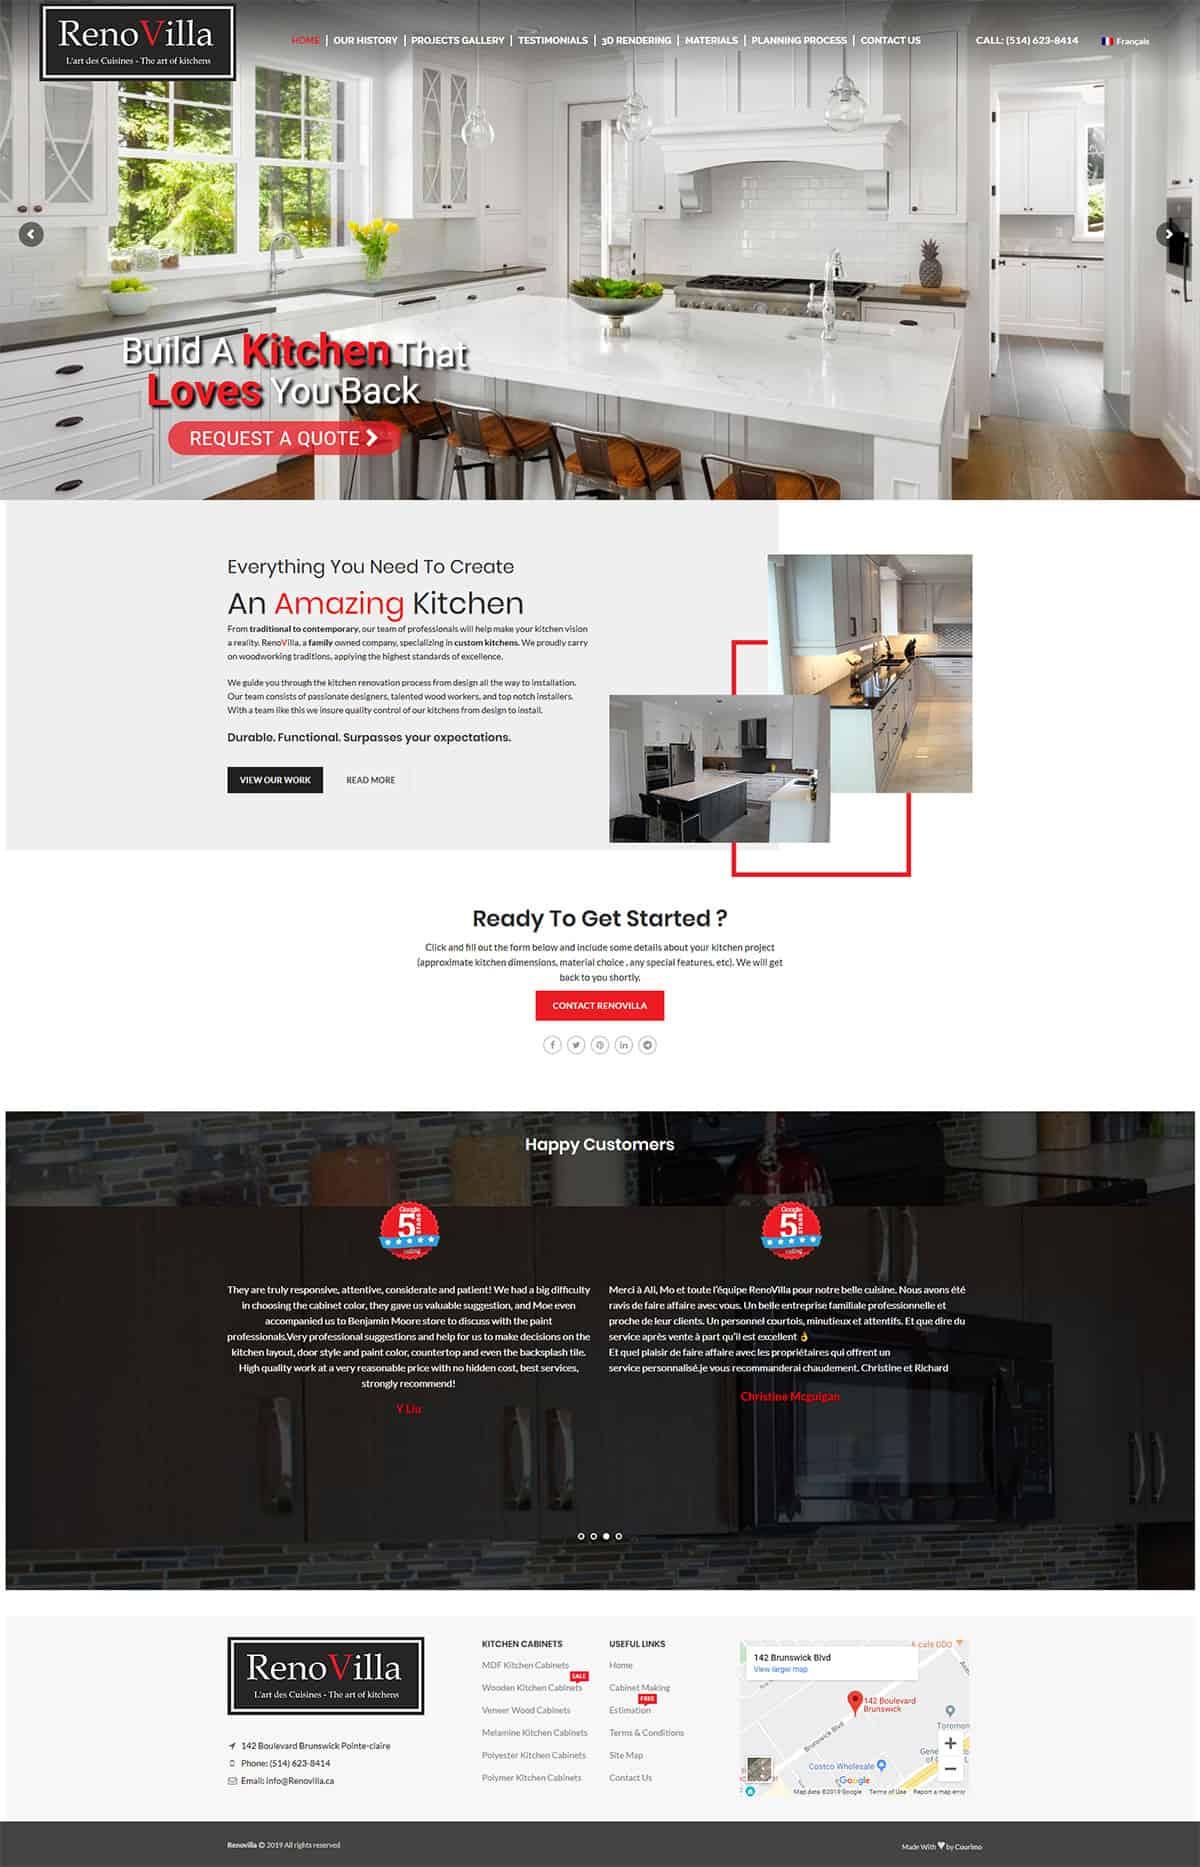 Renovilla.ca-Website-Development-project-by-courimo